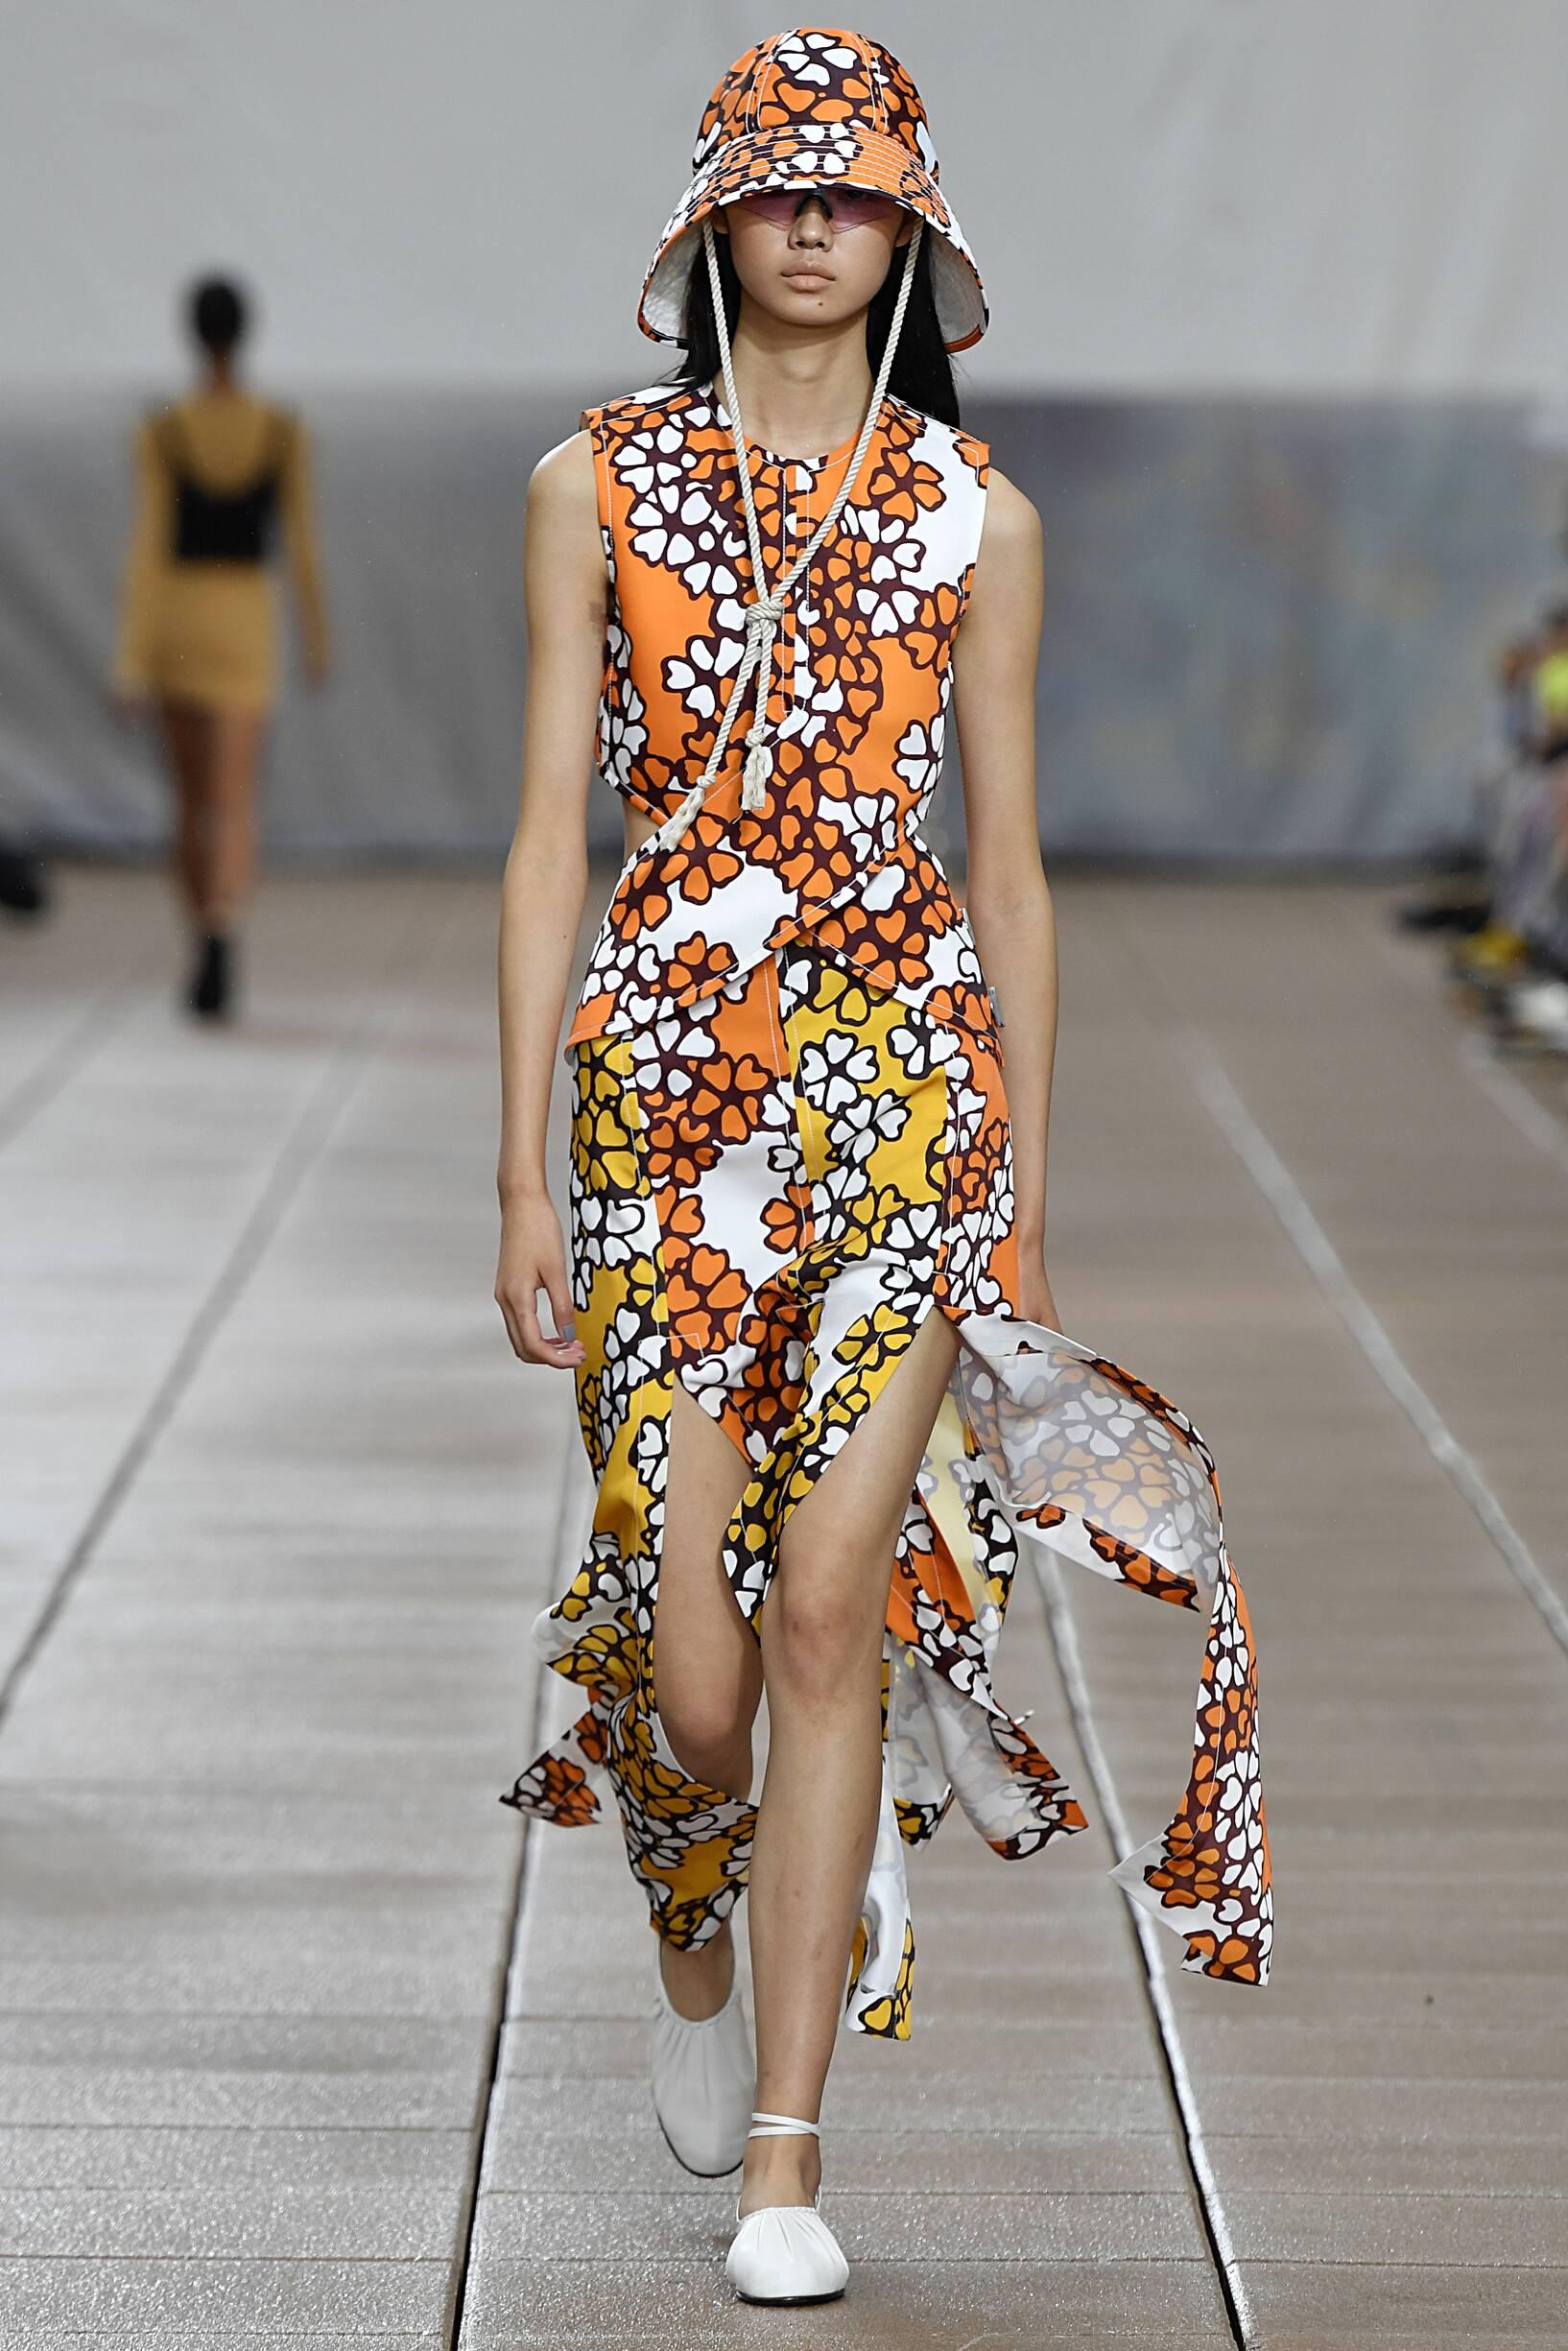 Znalezione obrazy dla zapytania phillip lim fashion show 2019